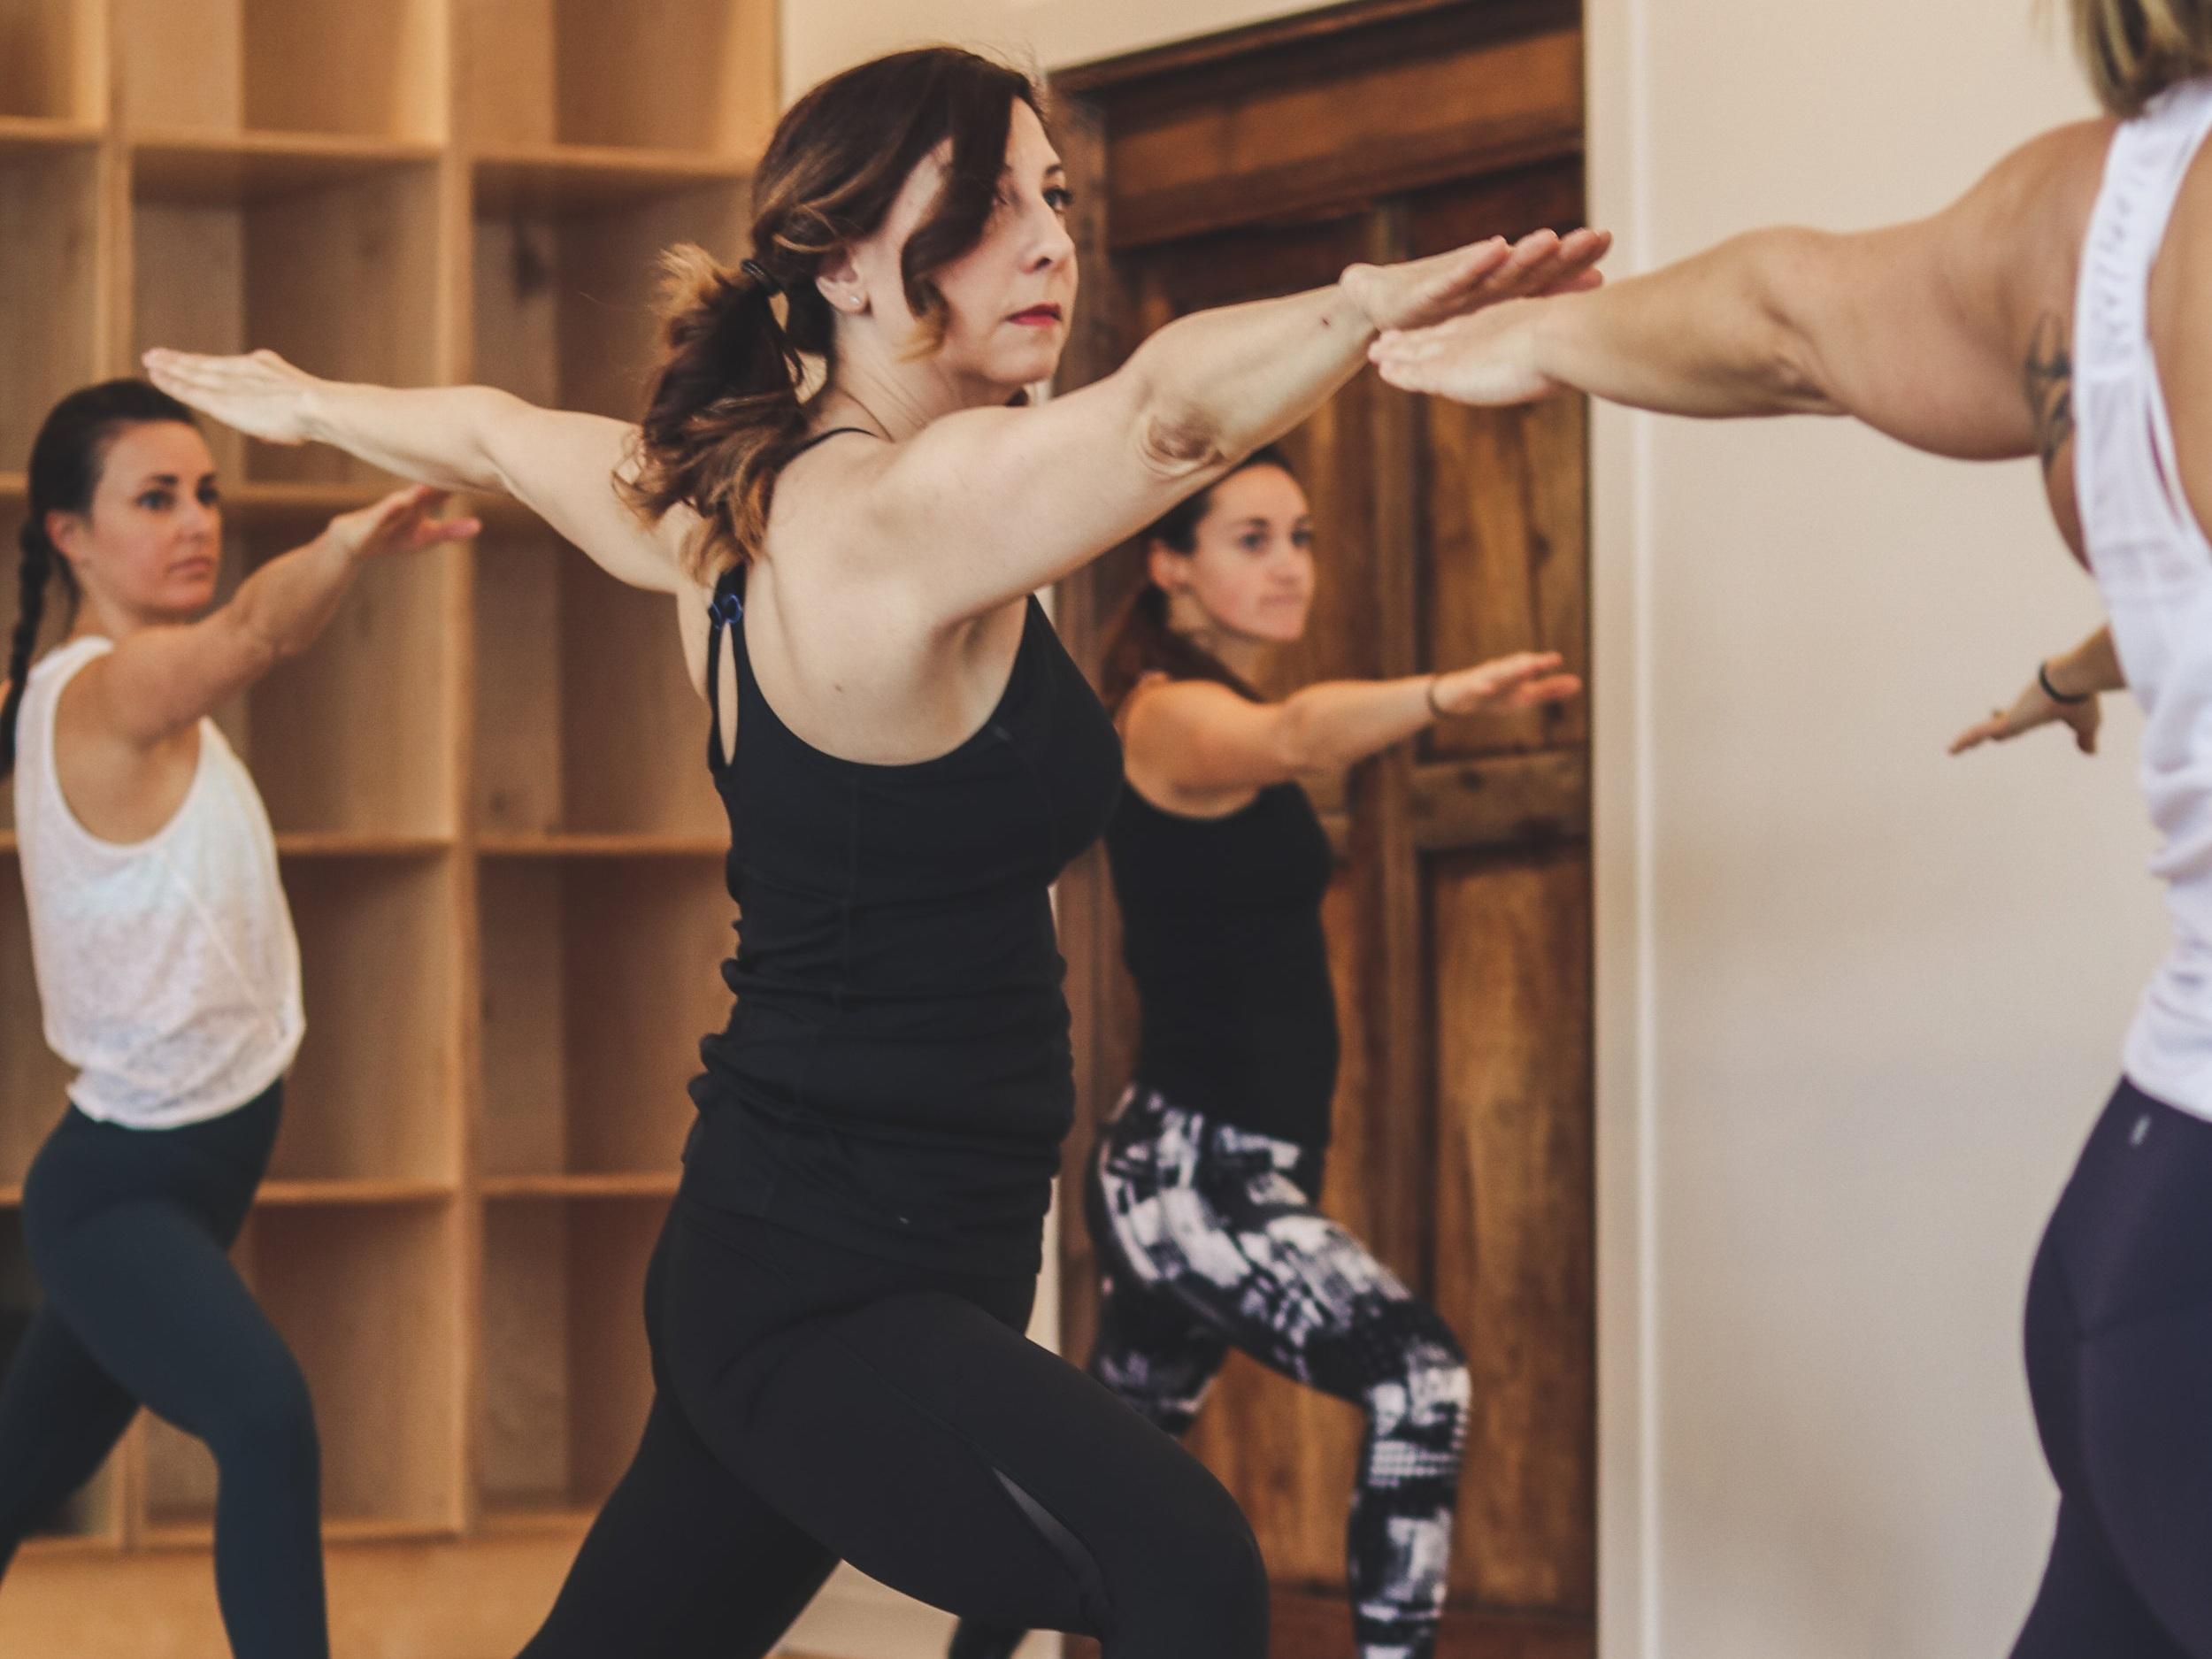 POWER YOGA - Cette pratique puissante augmentera votre force, votre endurance et votre flexibilité. L'accent sera mis sur la connexion à la respiration et à la conscience, au mouvement fluide, ainsi que l'attention portée sur votre programmation mentale.